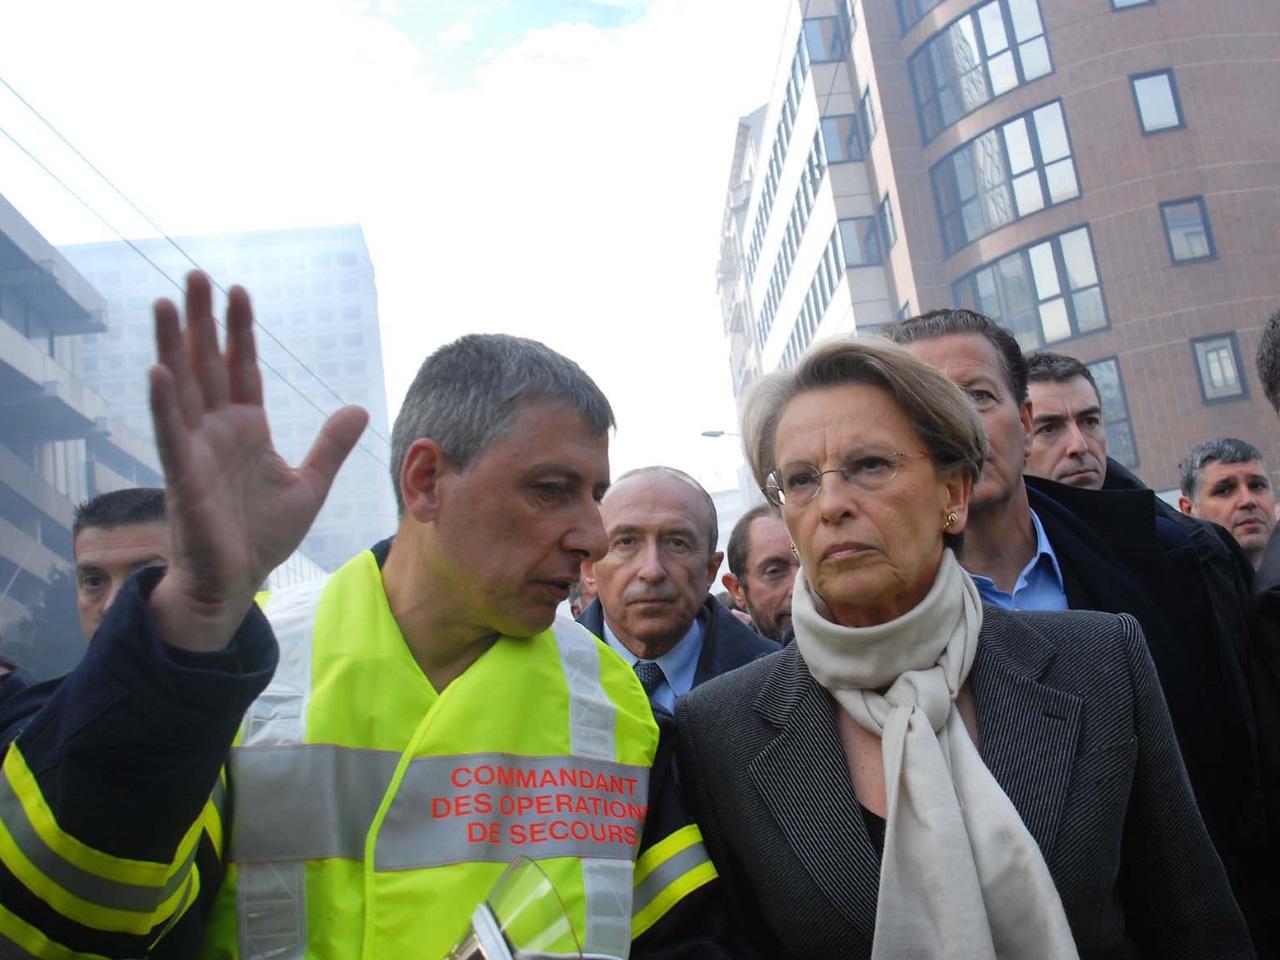 Michèle Alliot-Marie, ministre de l'Intérieur de l'époque, s'était rendue sur place avec Gérard Collomb et de Dominique Perben - Archives LyonMag